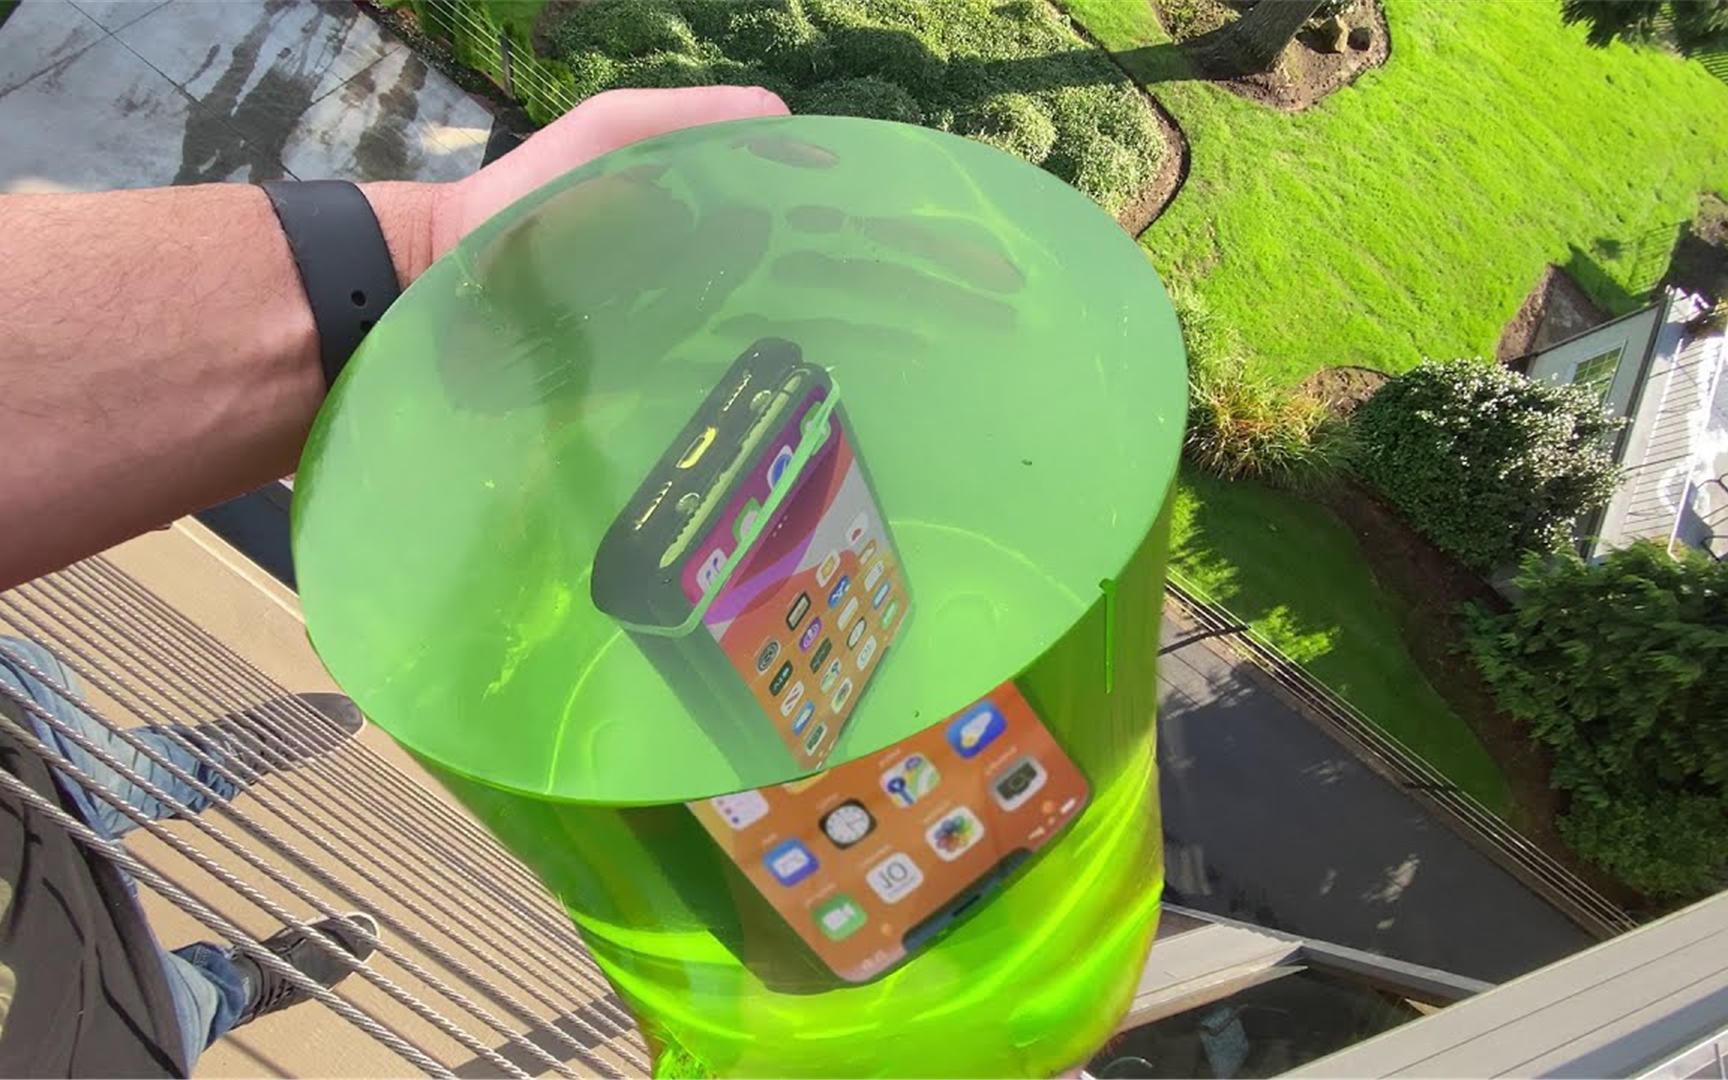 用果冻将手机包裹起来防摔吗?老外亲测,结果你意想不到!